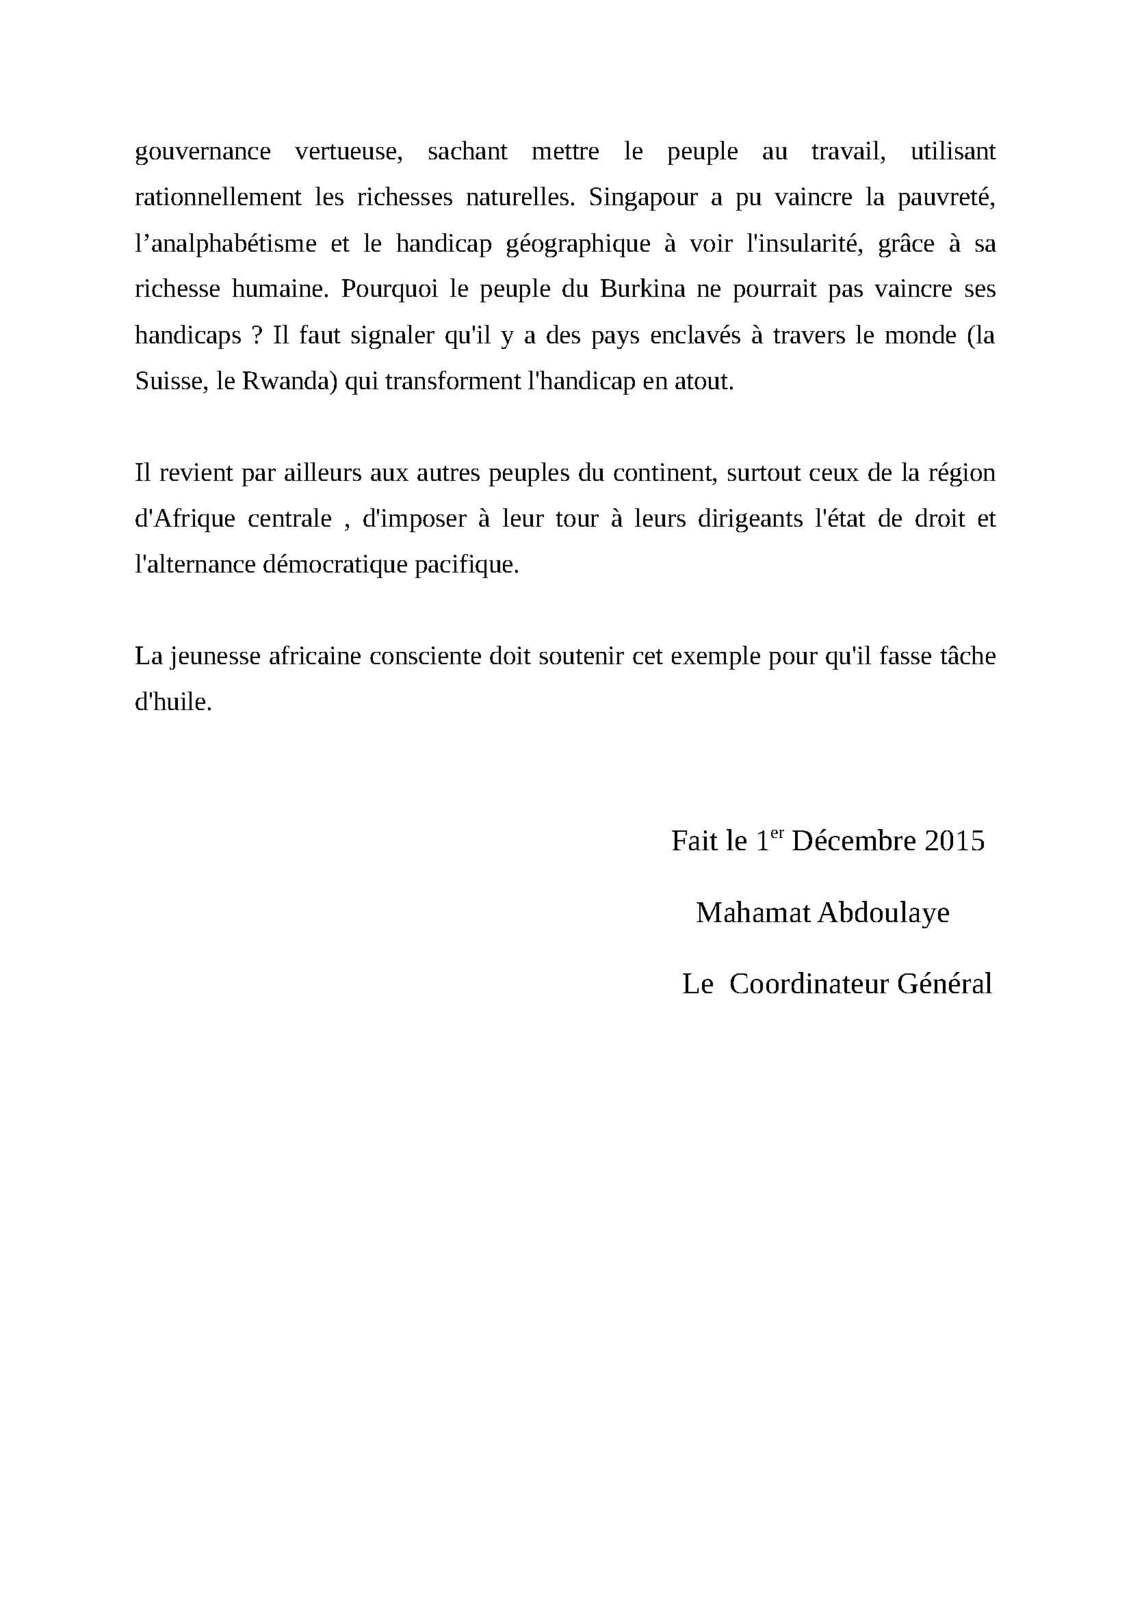 Le MPDJ salue la maturité politique du peuple burkinabé